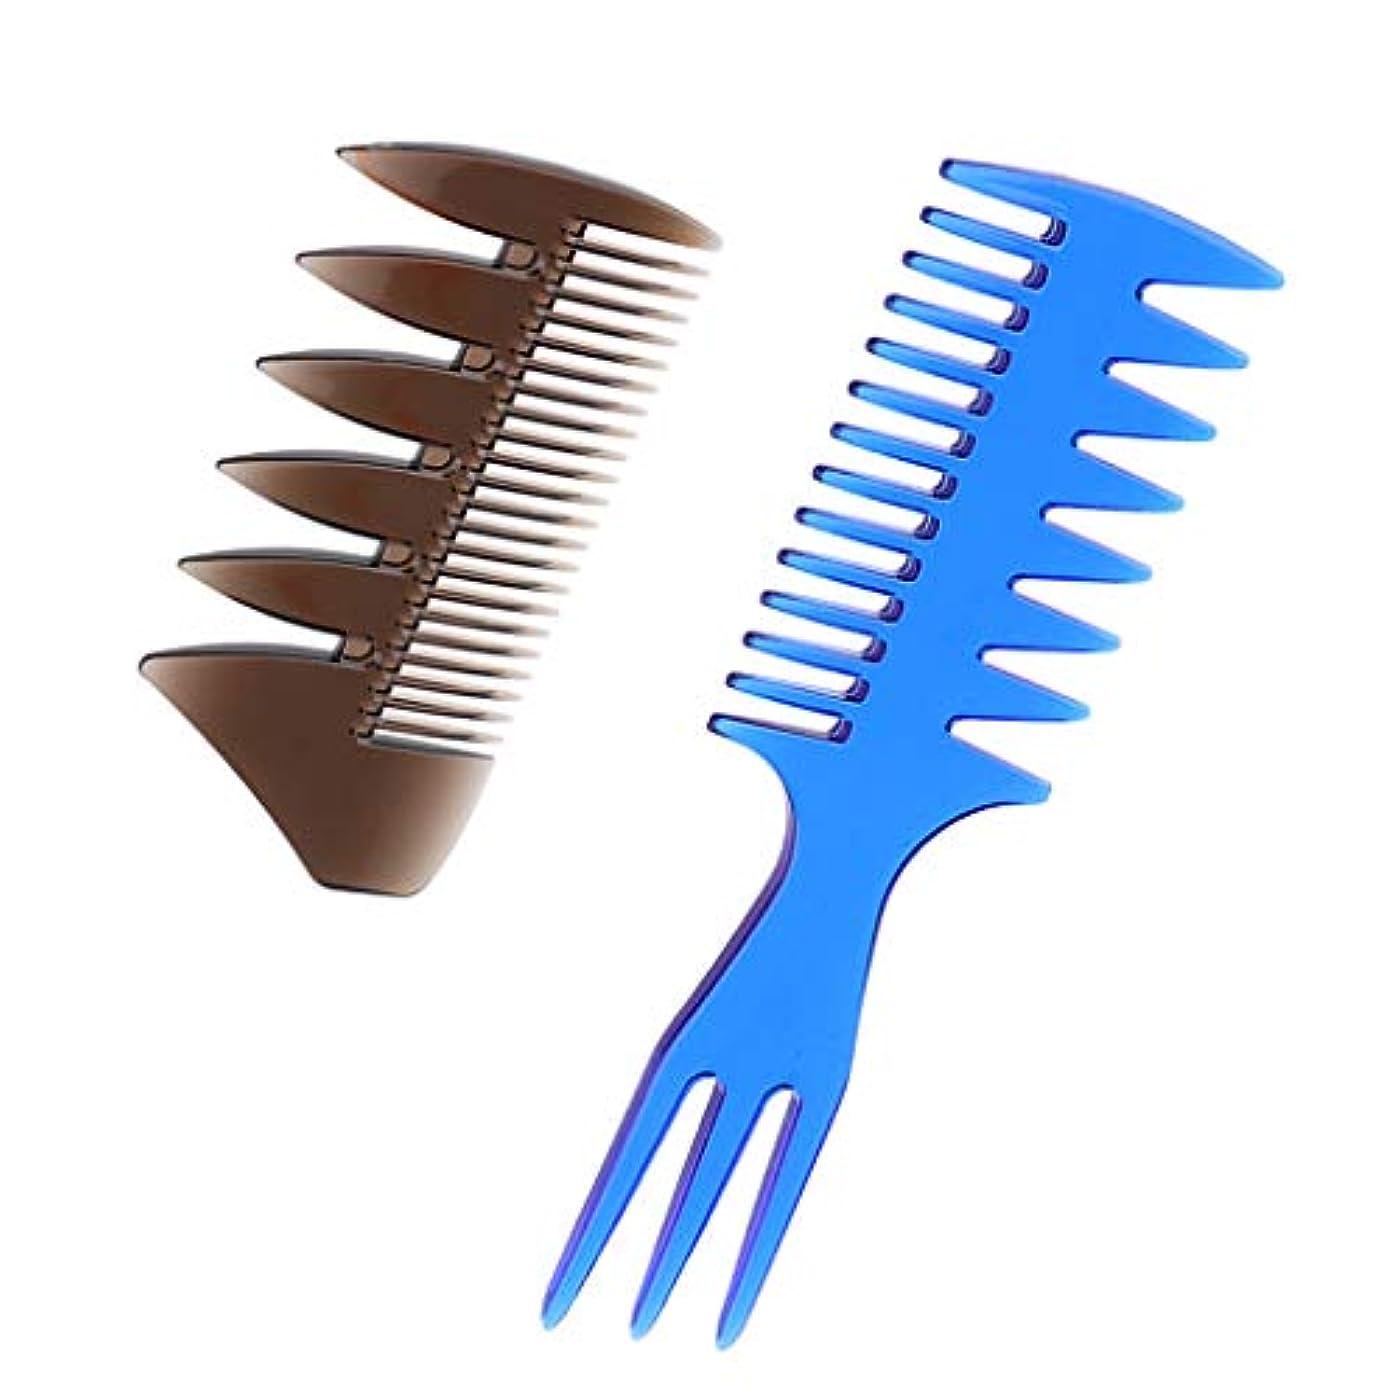 セントビュッフェ政府Toygogo 2ピースデュアルサイドおよび3ウェイメンズオイルヘアピックコームサロンダイサロン理髪スタイリング